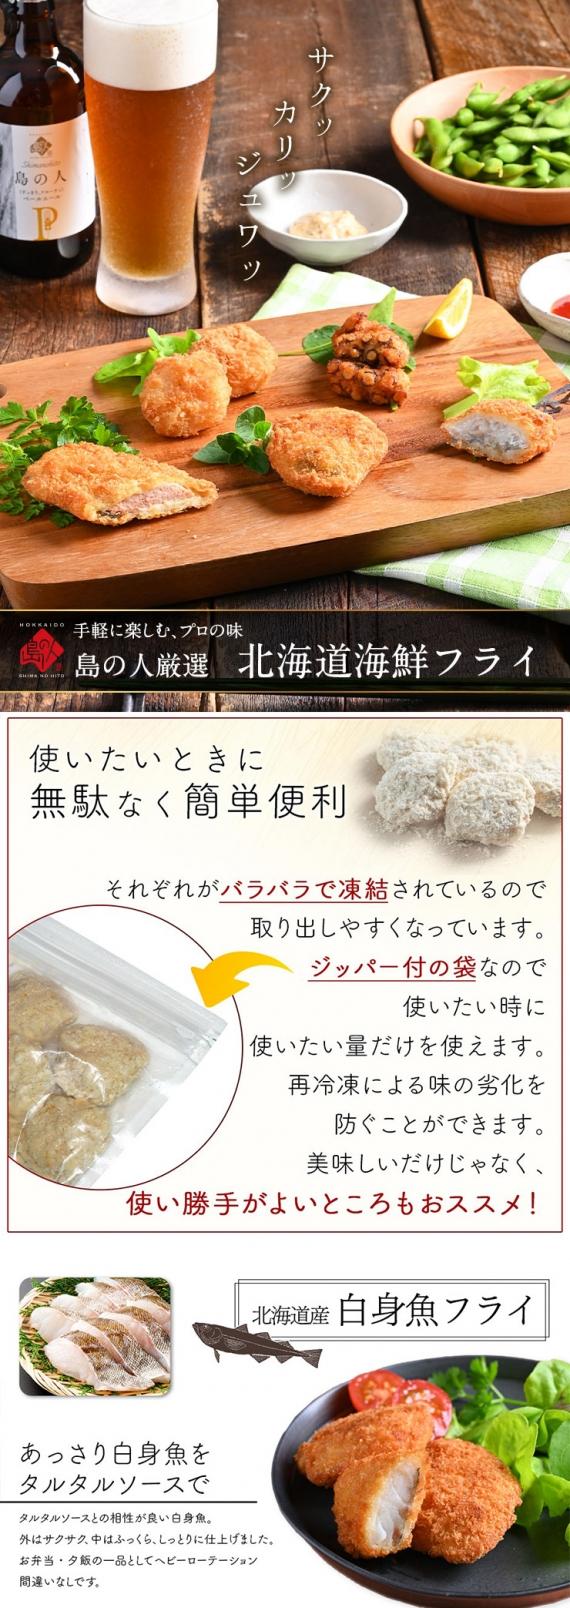 北海道産 白身魚フライ 300g 当店オリジナルの特注品  白身 魚 揚げ物 冷凍食品 惣菜 ご飯のお供 ご飯のおとも【送料無料】【新春SALE】